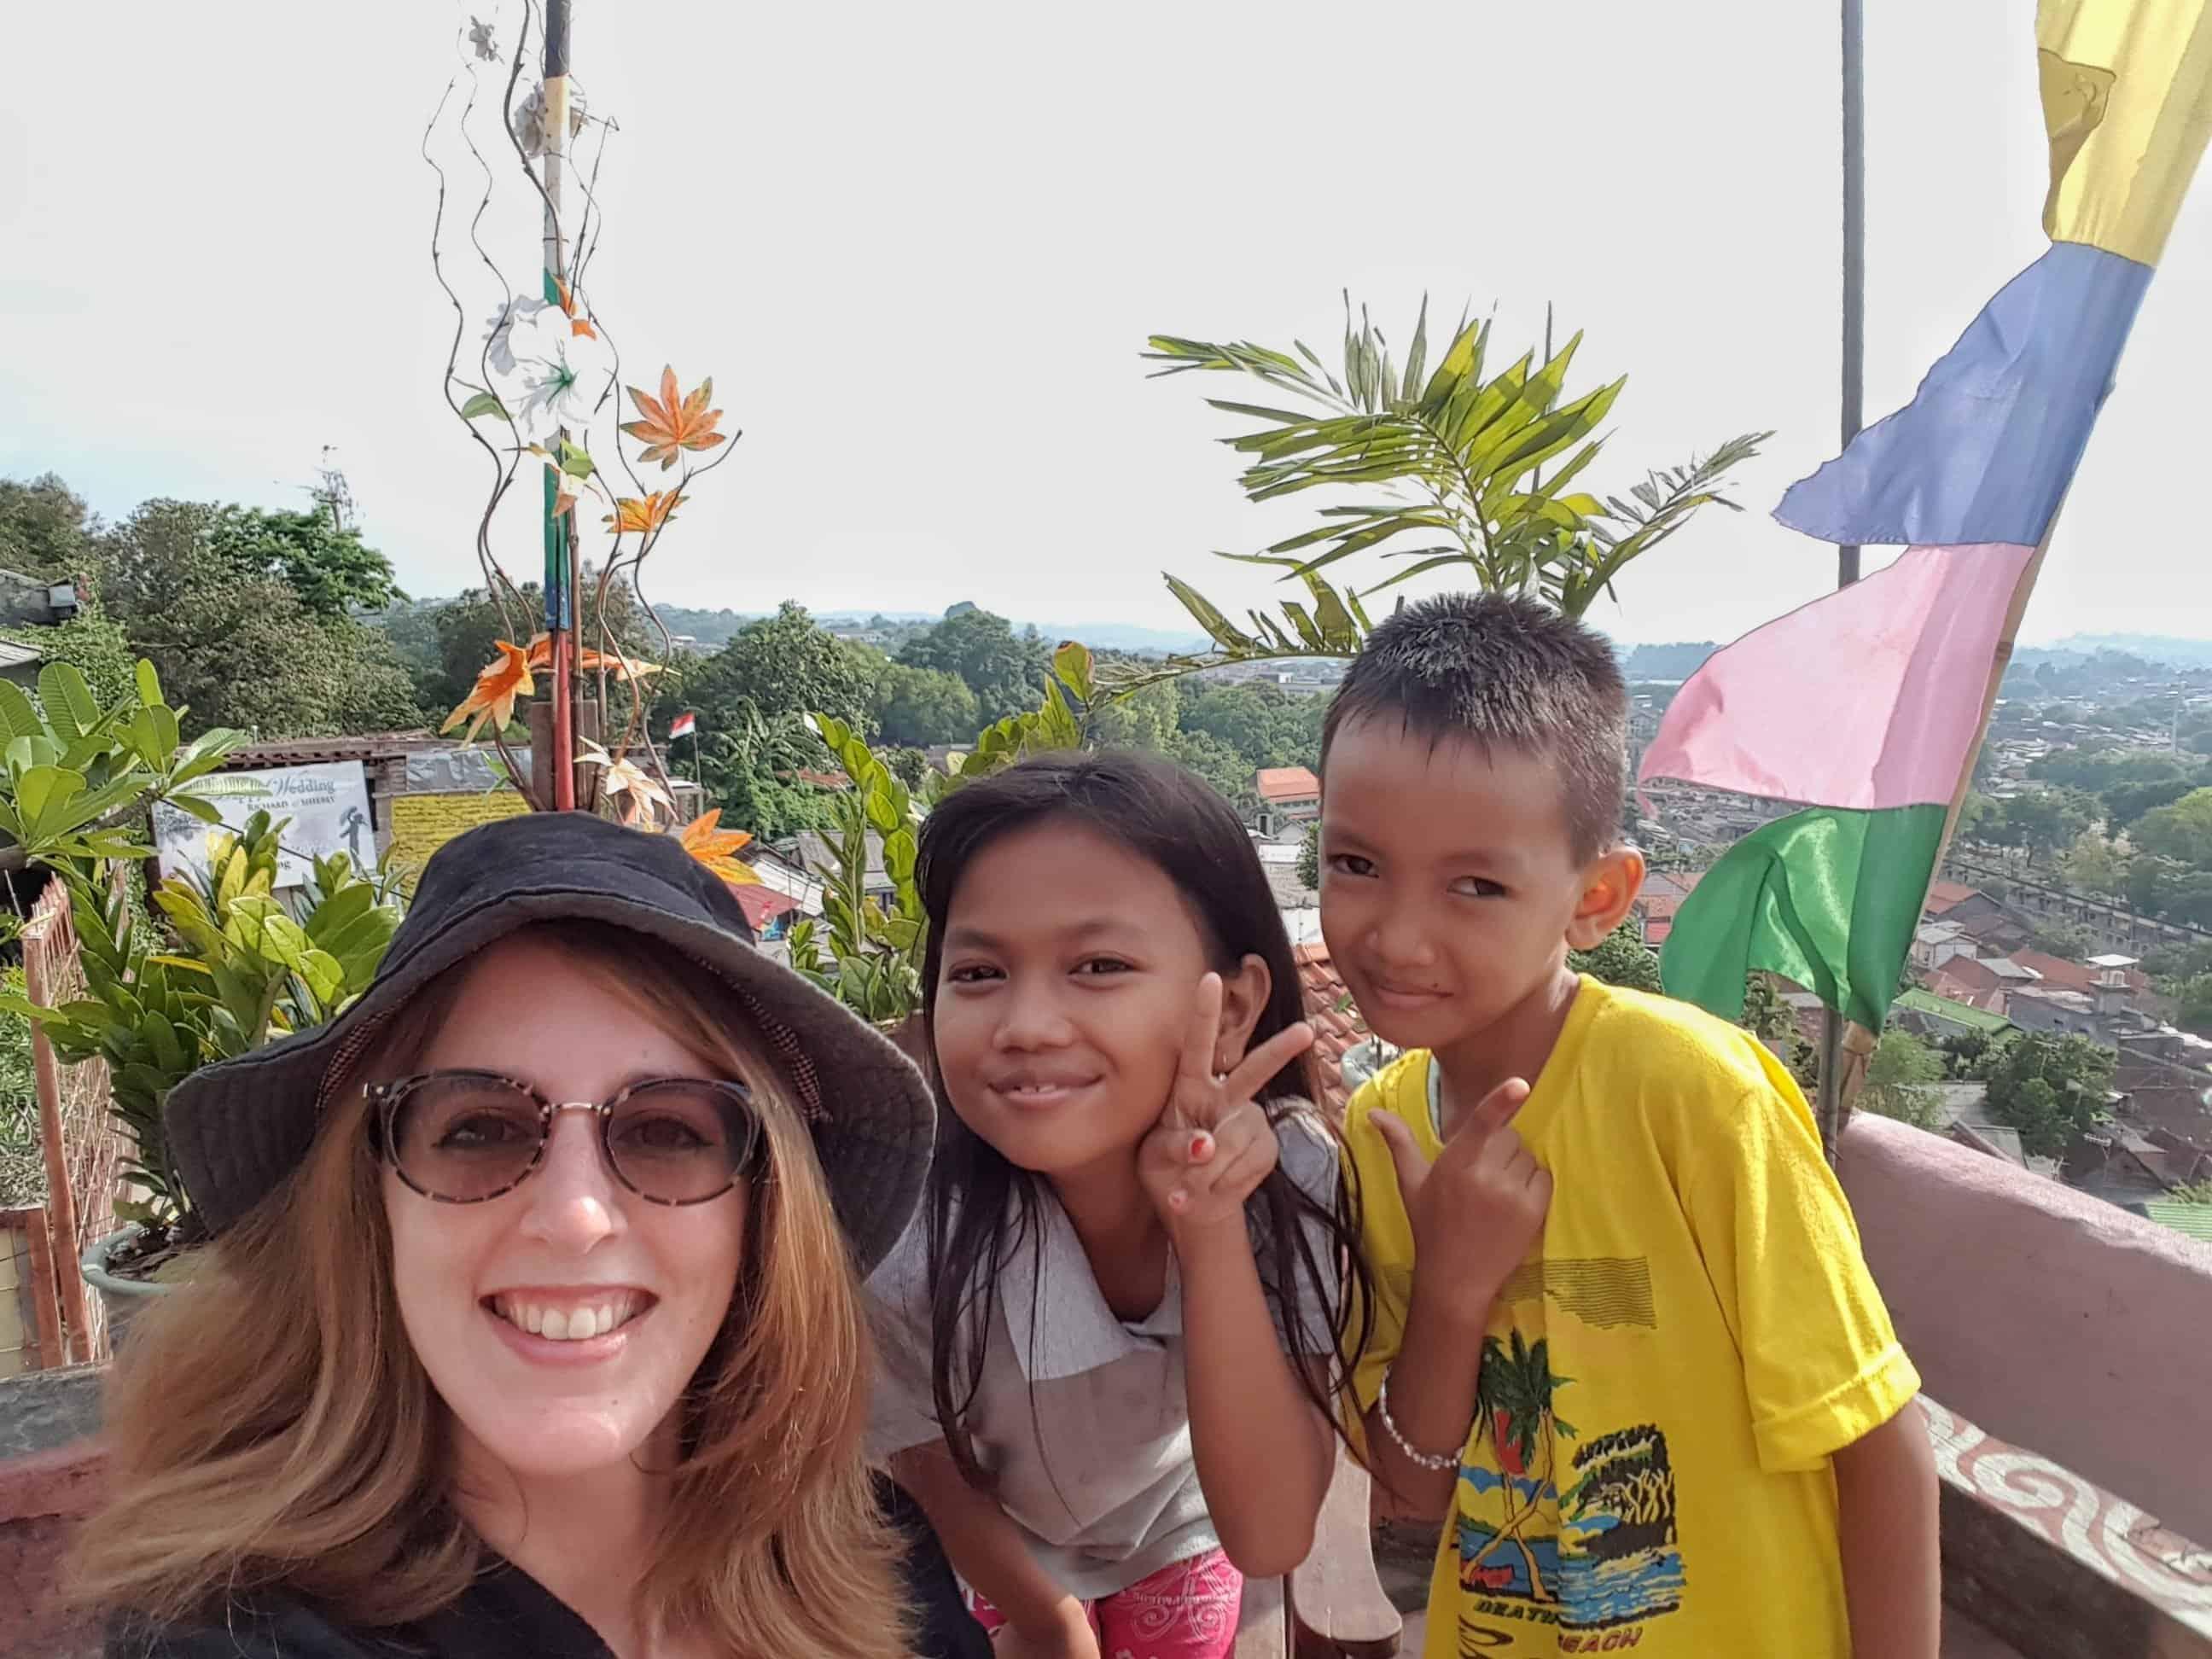 Les Heureux Voyageurs à Kampung Pelangi, Indonésie